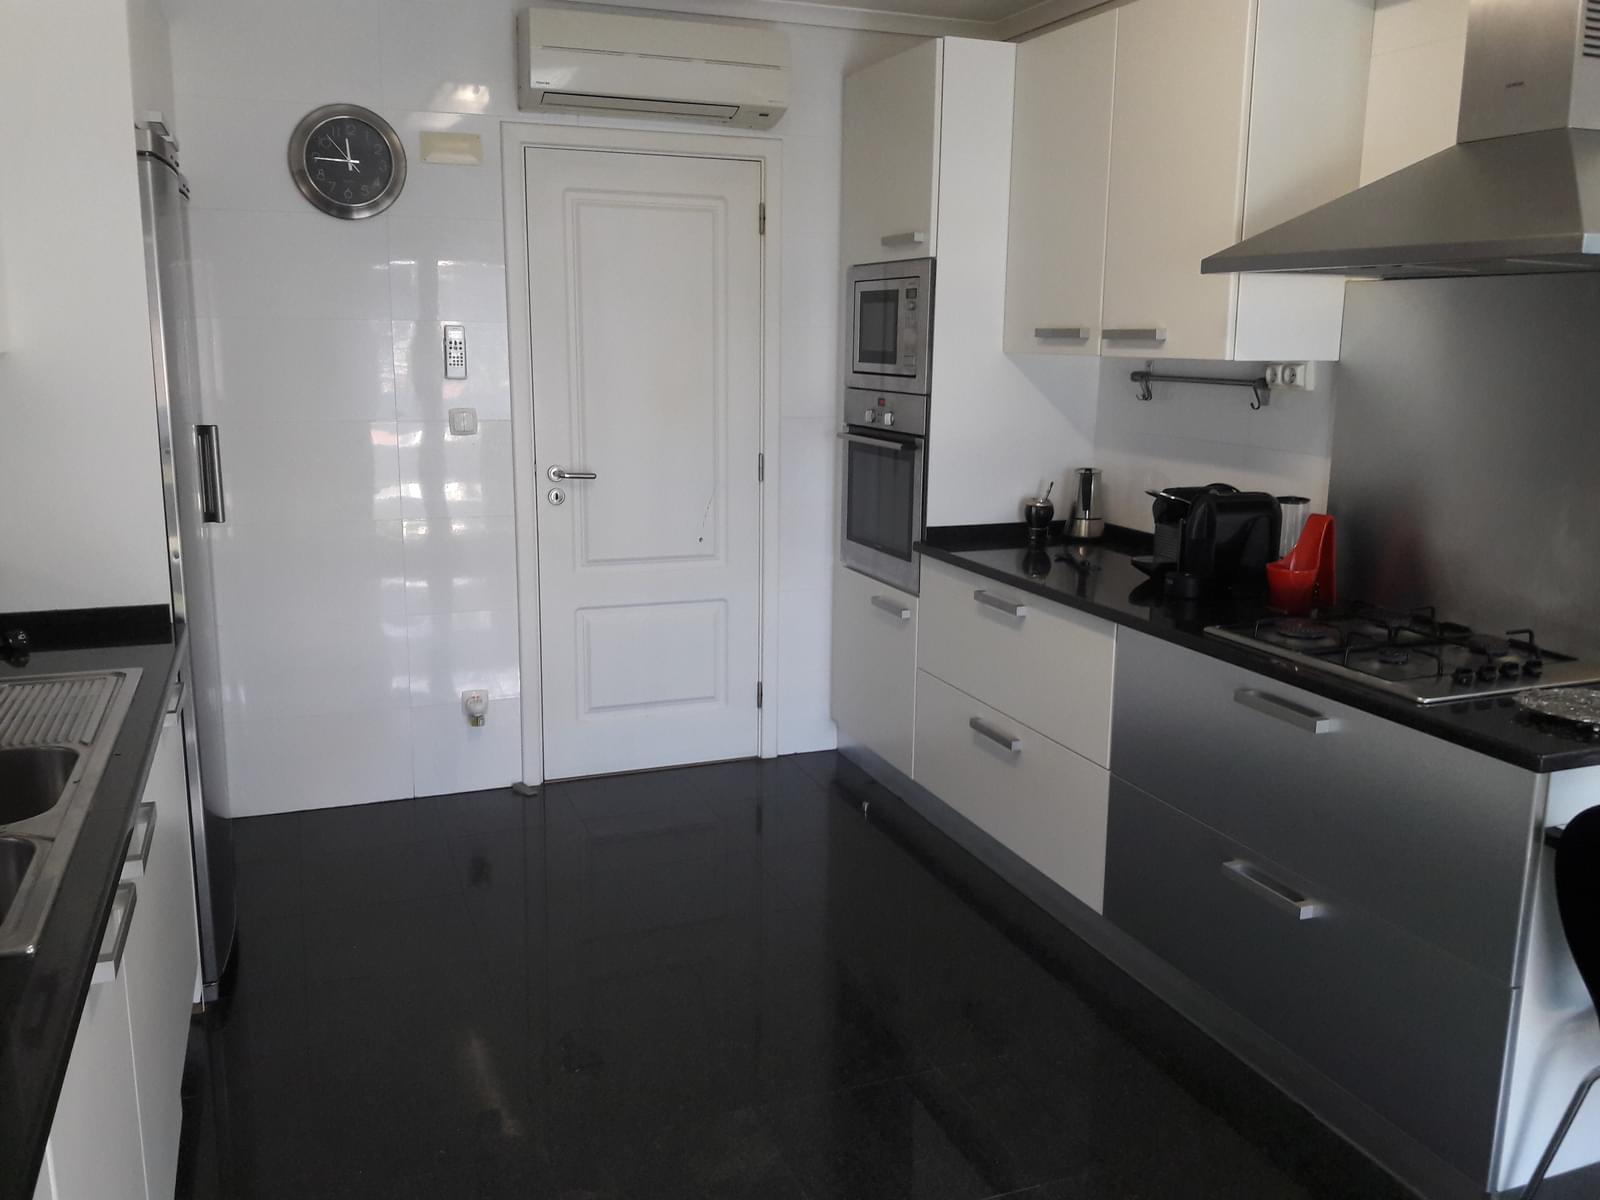 pf1888-apartamento-t4-cascais-82f5200a-f350-4caf-b798-9e131b37cb32